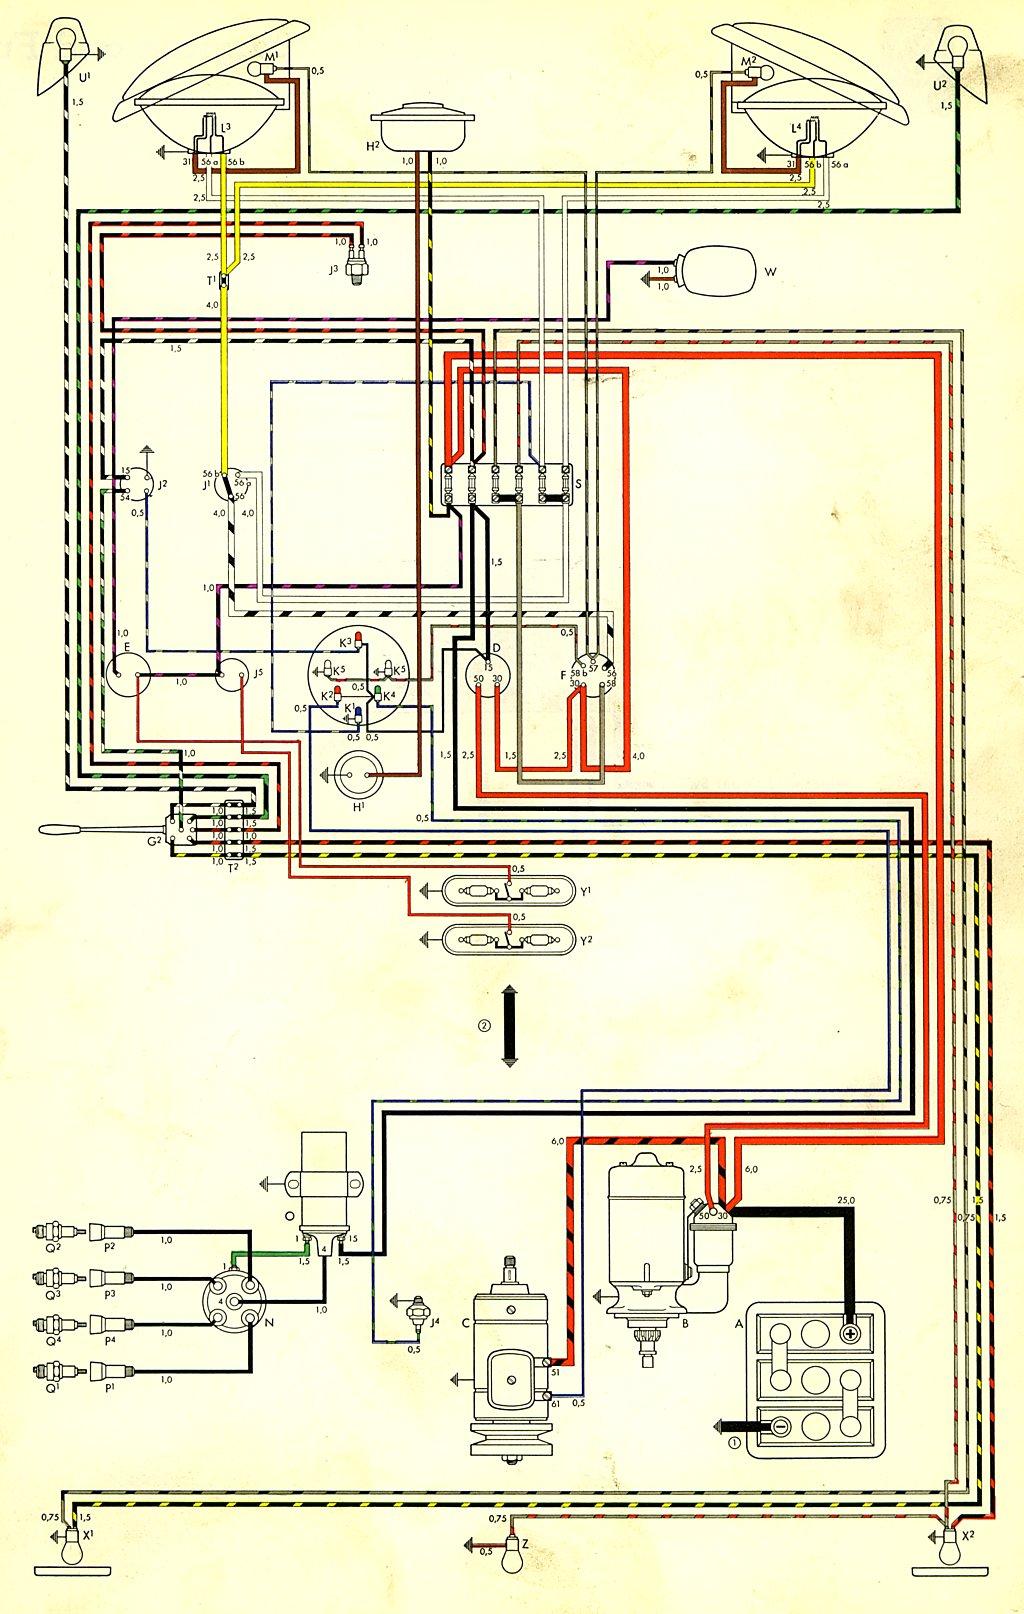 1962 C10 Wiring Diagram Pdf Thesamba Com Type 2 Wiring Diagrams